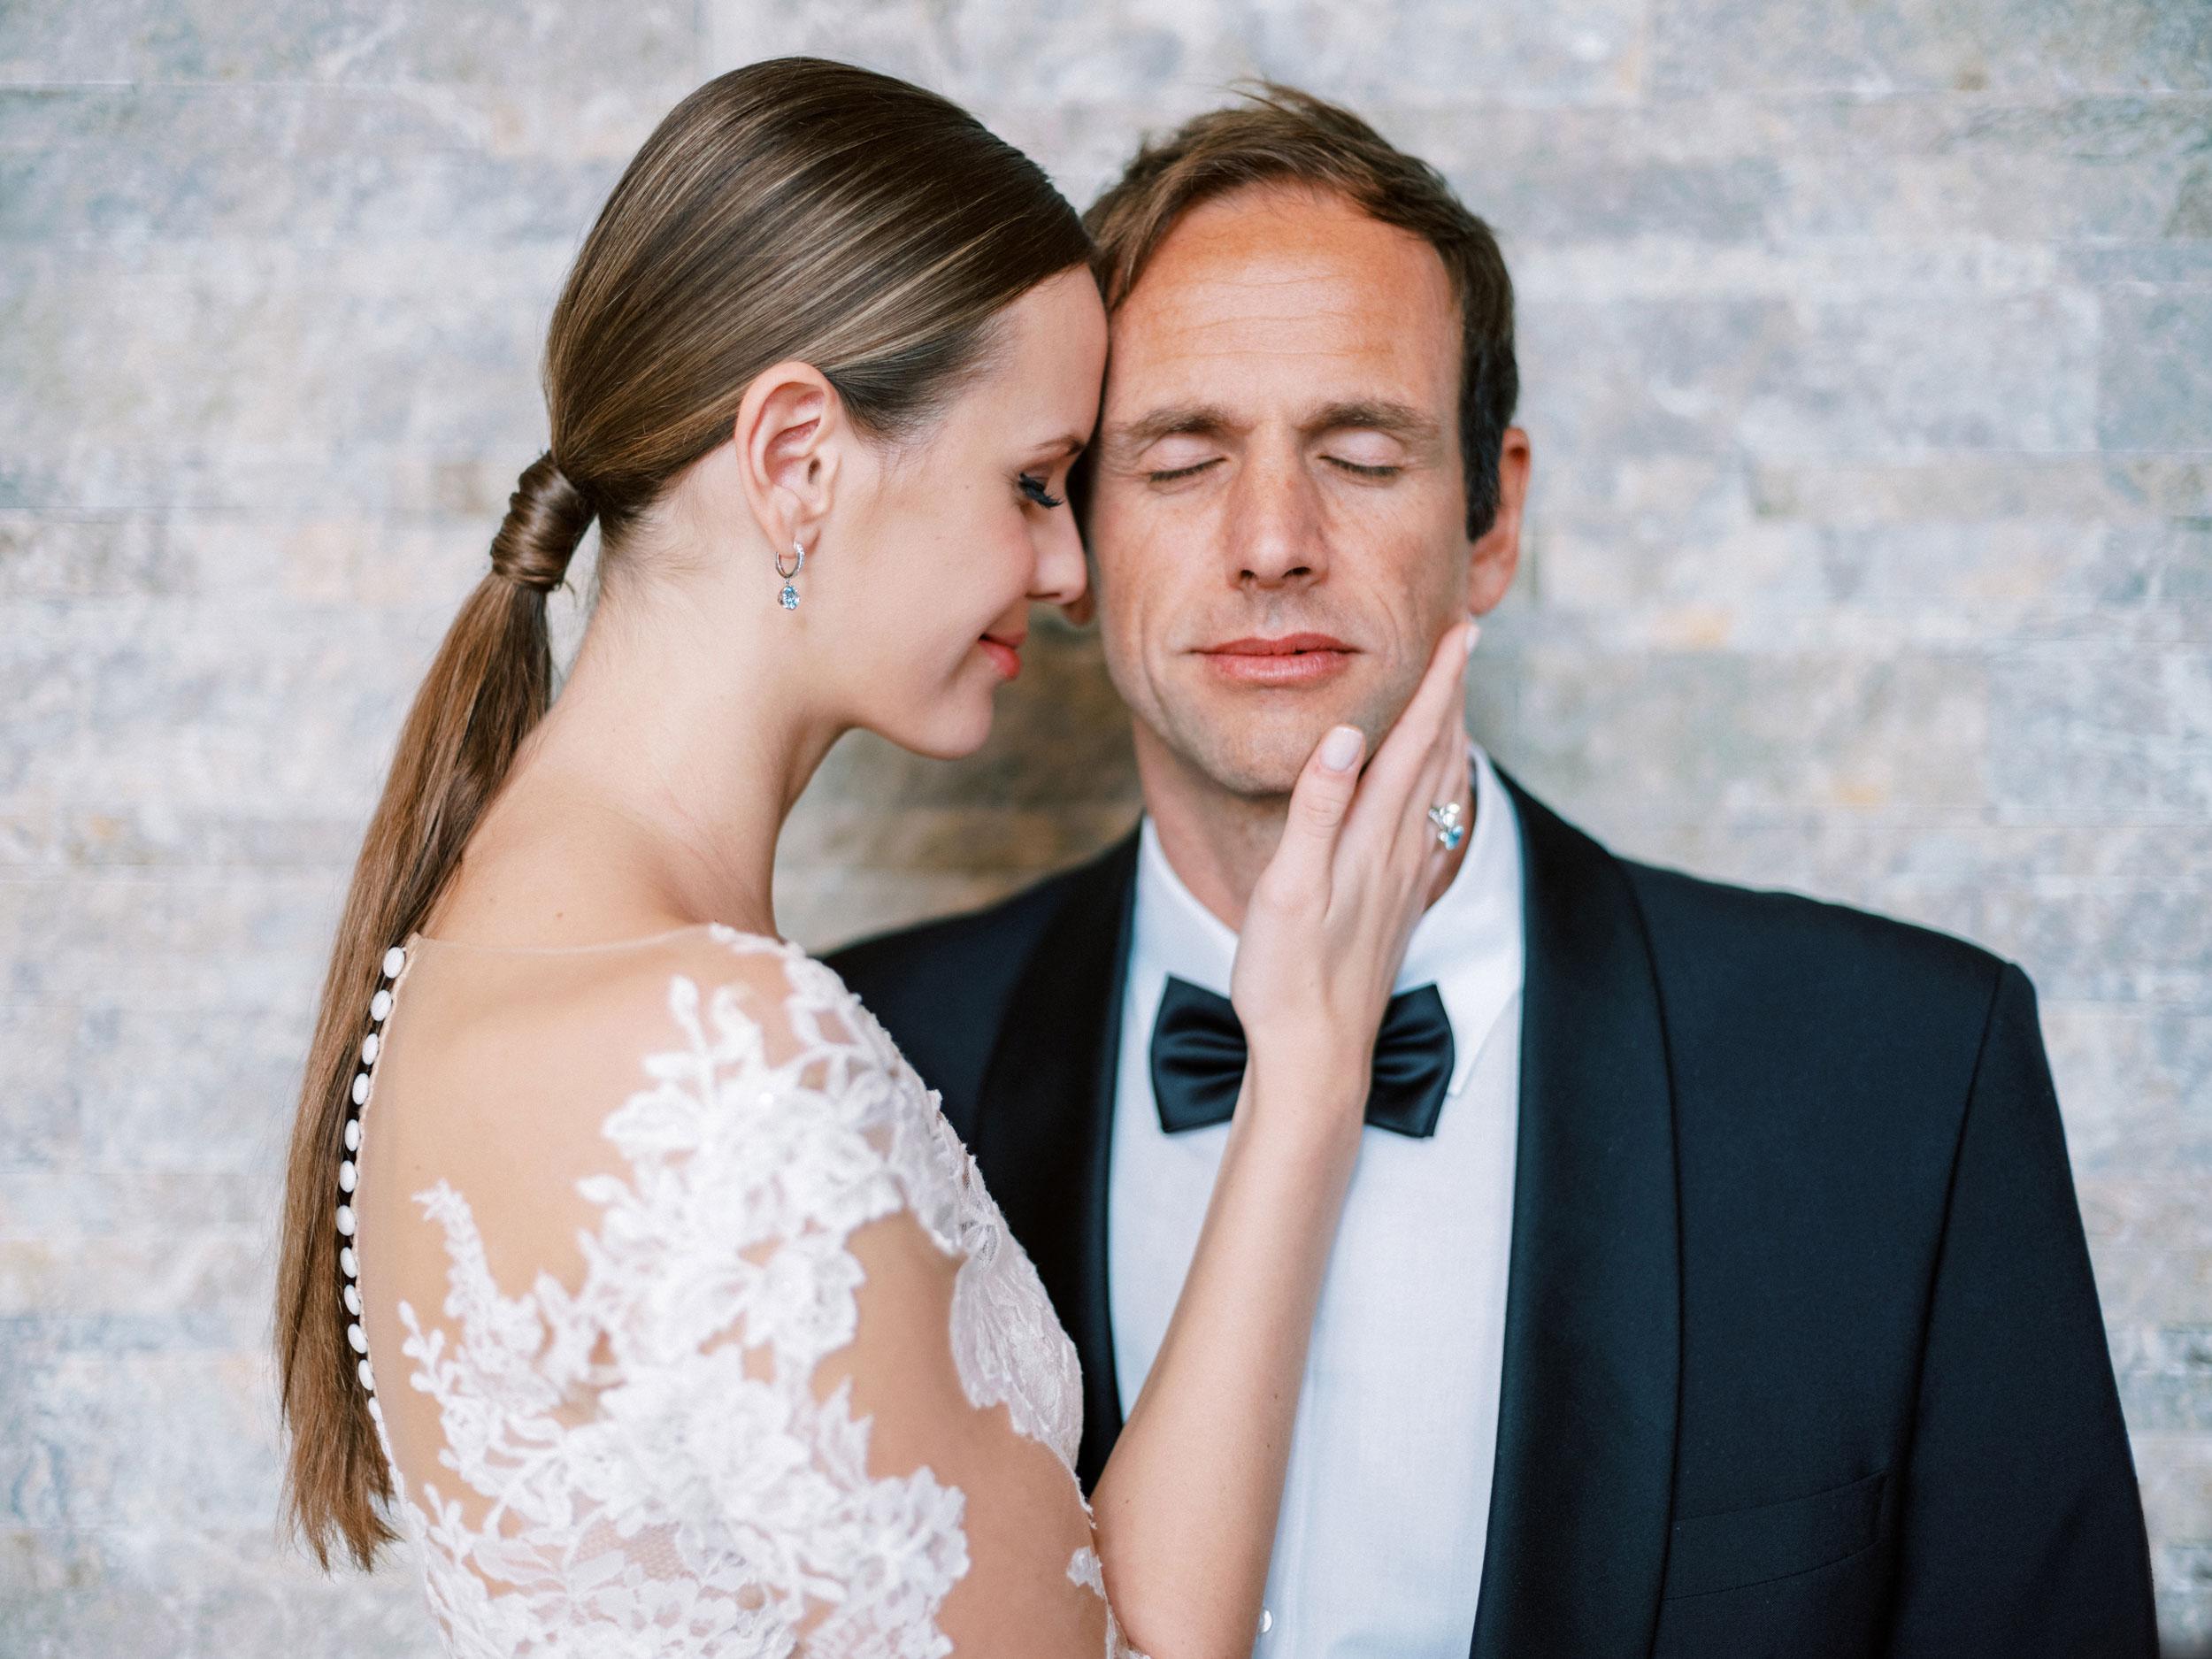 bridalhairandmakeup makeup Artist soelden iceq tyrol austria destination Wedding Melanie R.